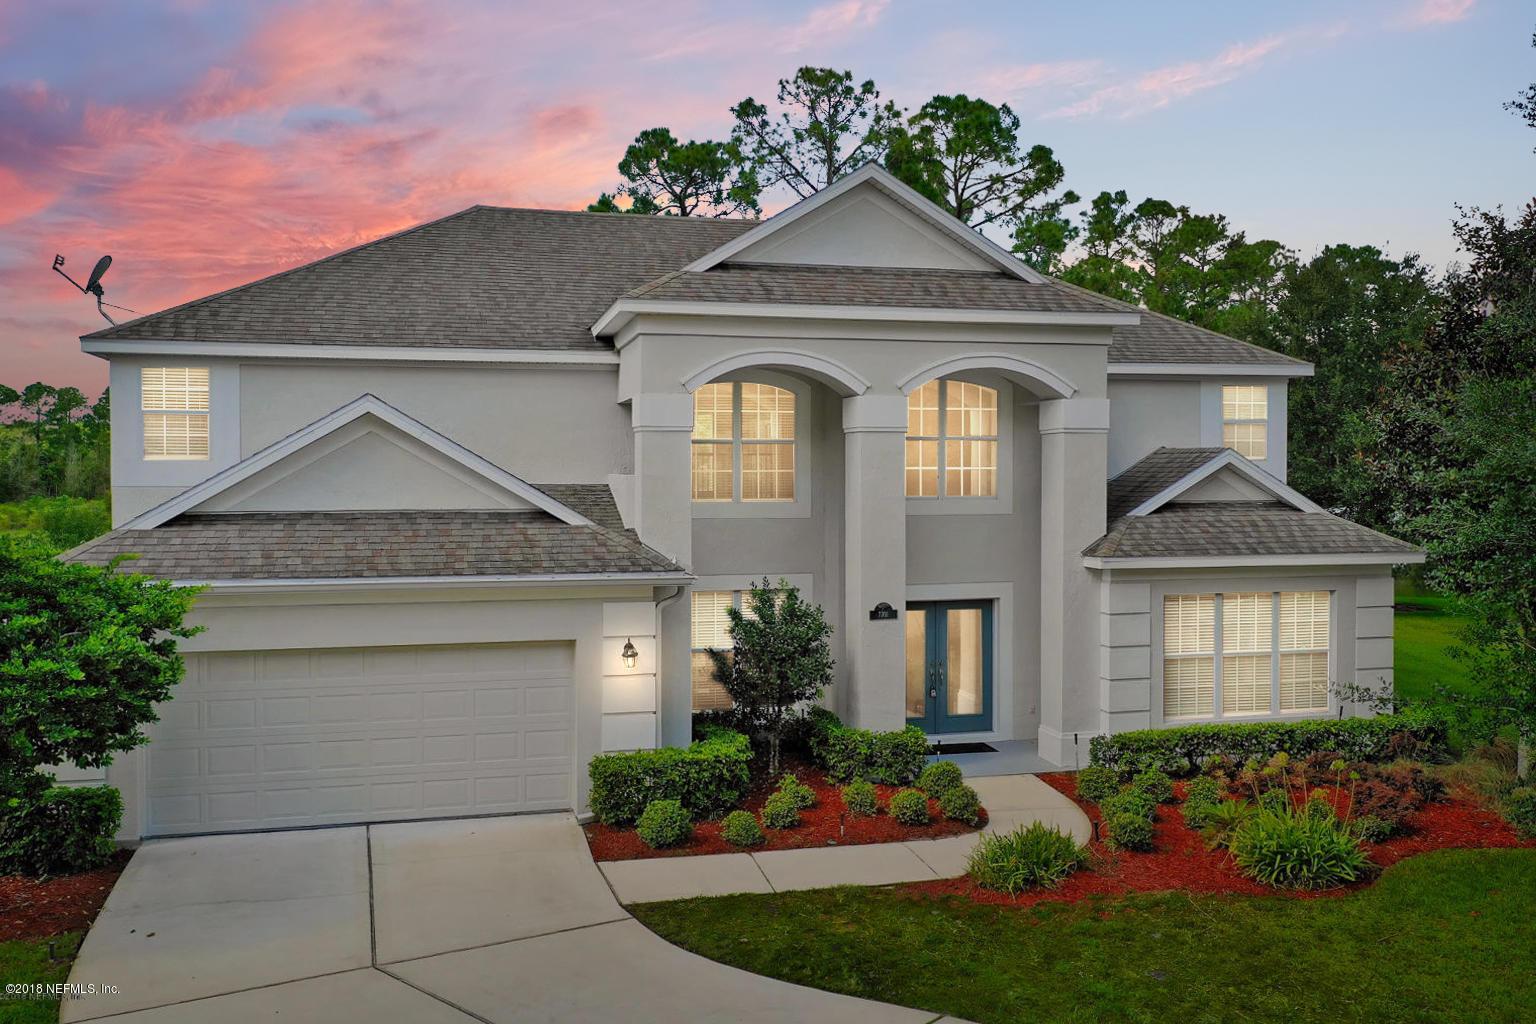 7701 WATERMARK, JACKSONVILLE, FLORIDA 32256, 5 Bedrooms Bedrooms, ,3 BathroomsBathrooms,Residential - single family,For sale,WATERMARK,962956